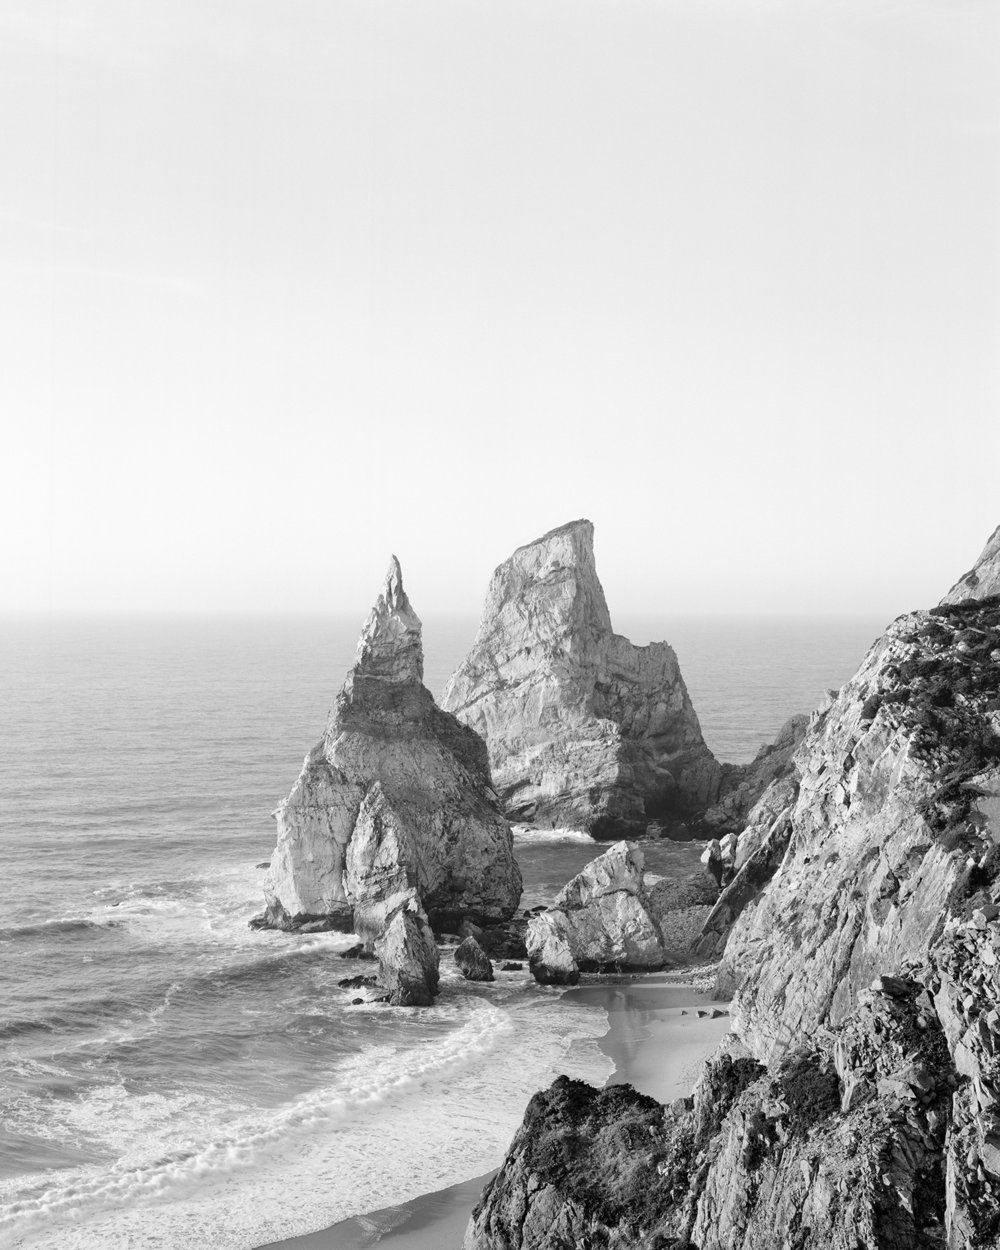 Clément Verger, Cabo de Roca, Colares in Portugal.